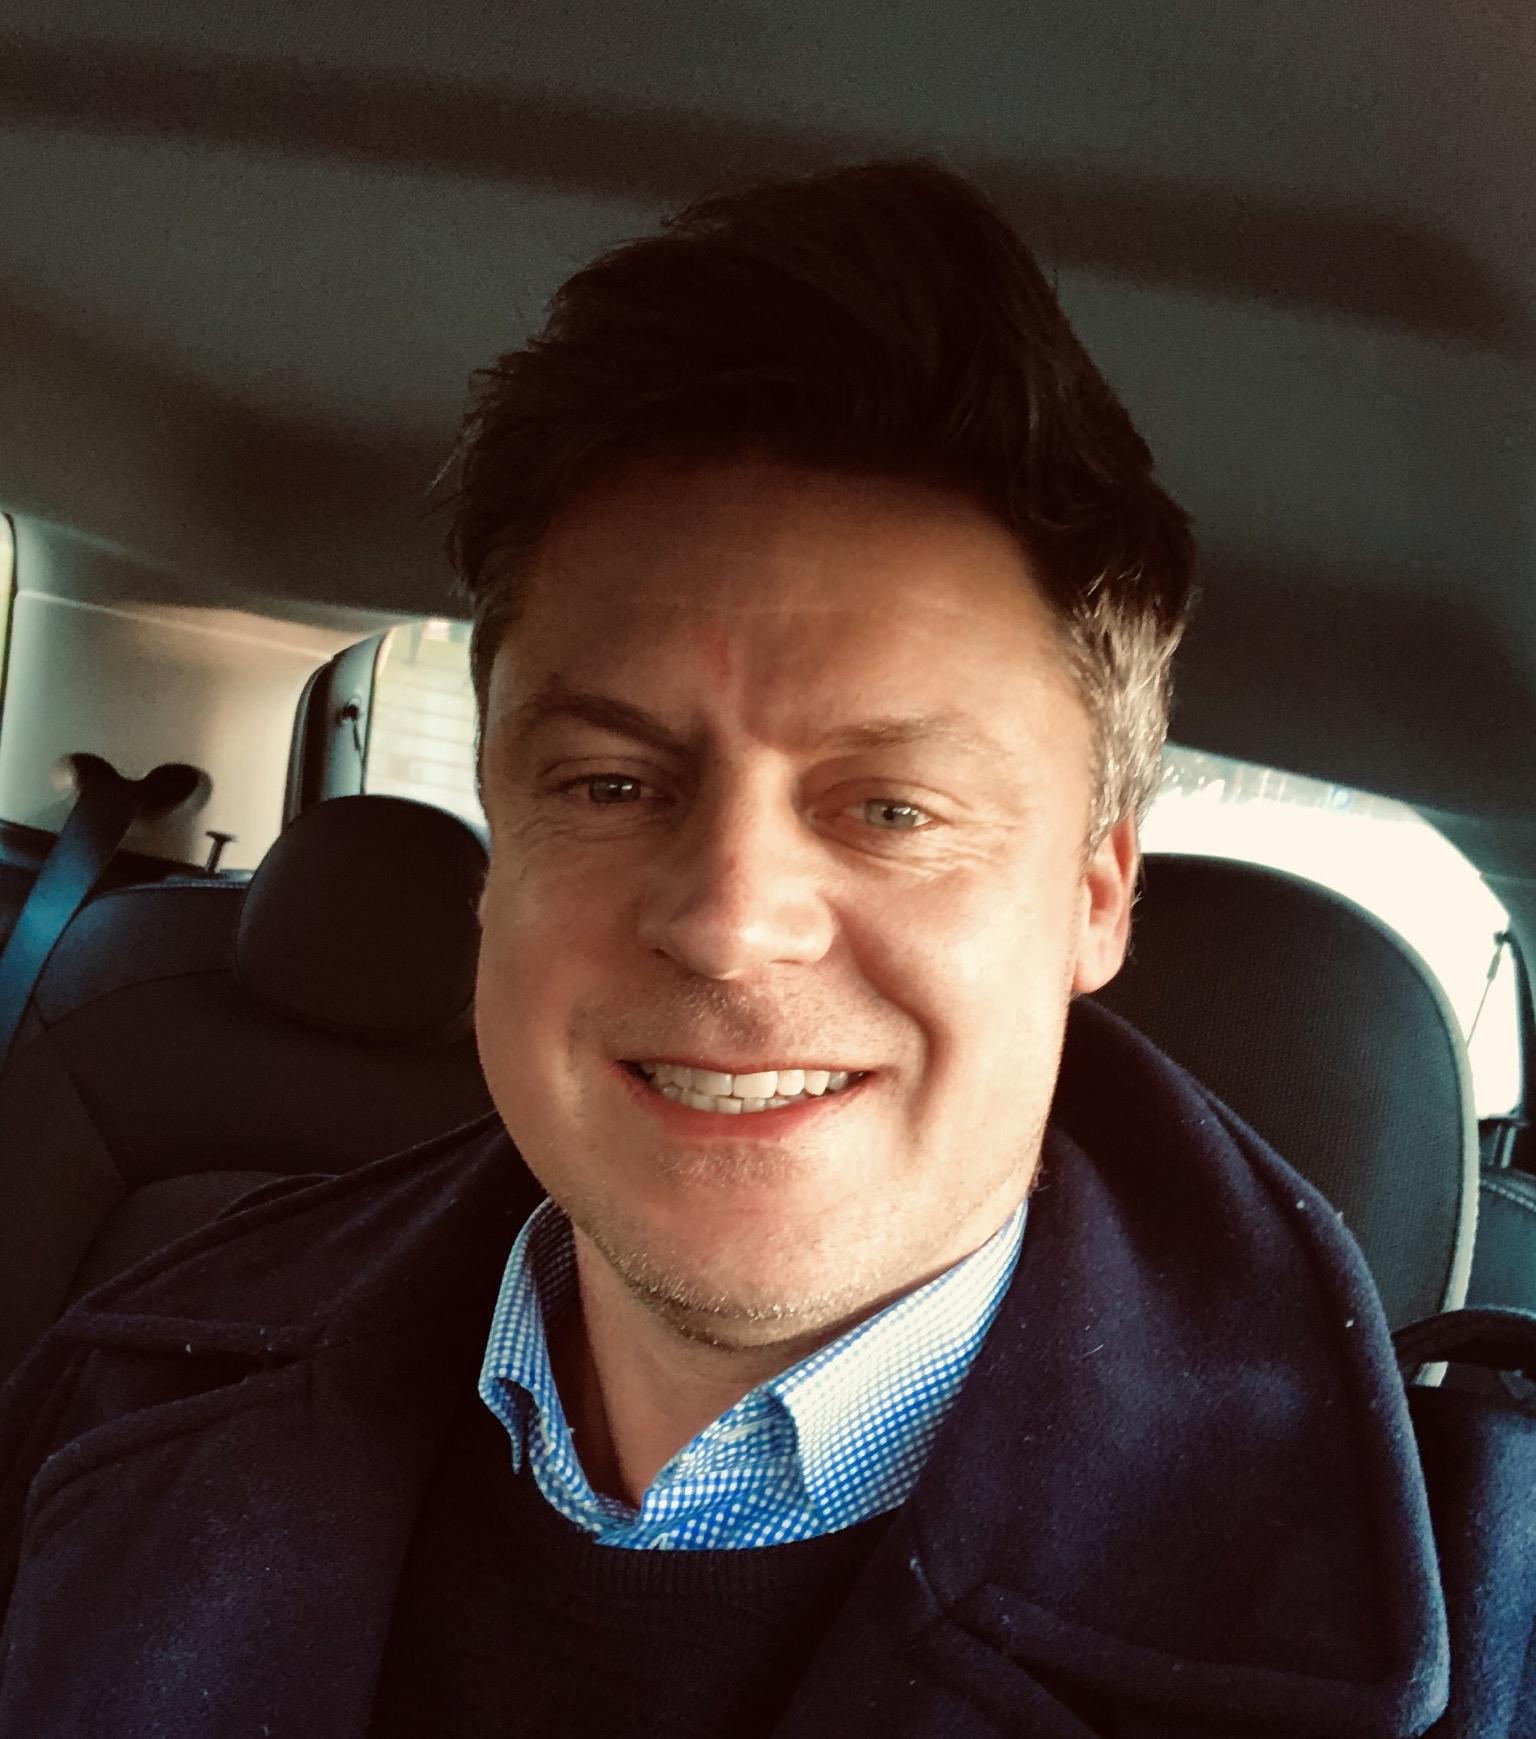 Rasmus Borup Dahl er fra i morgen, 1. februar, køreklar som ny ansvarlig for internationalt leisuresalg hos Europcar, Danmarks største biludlejningsfirma. Privatfoto.